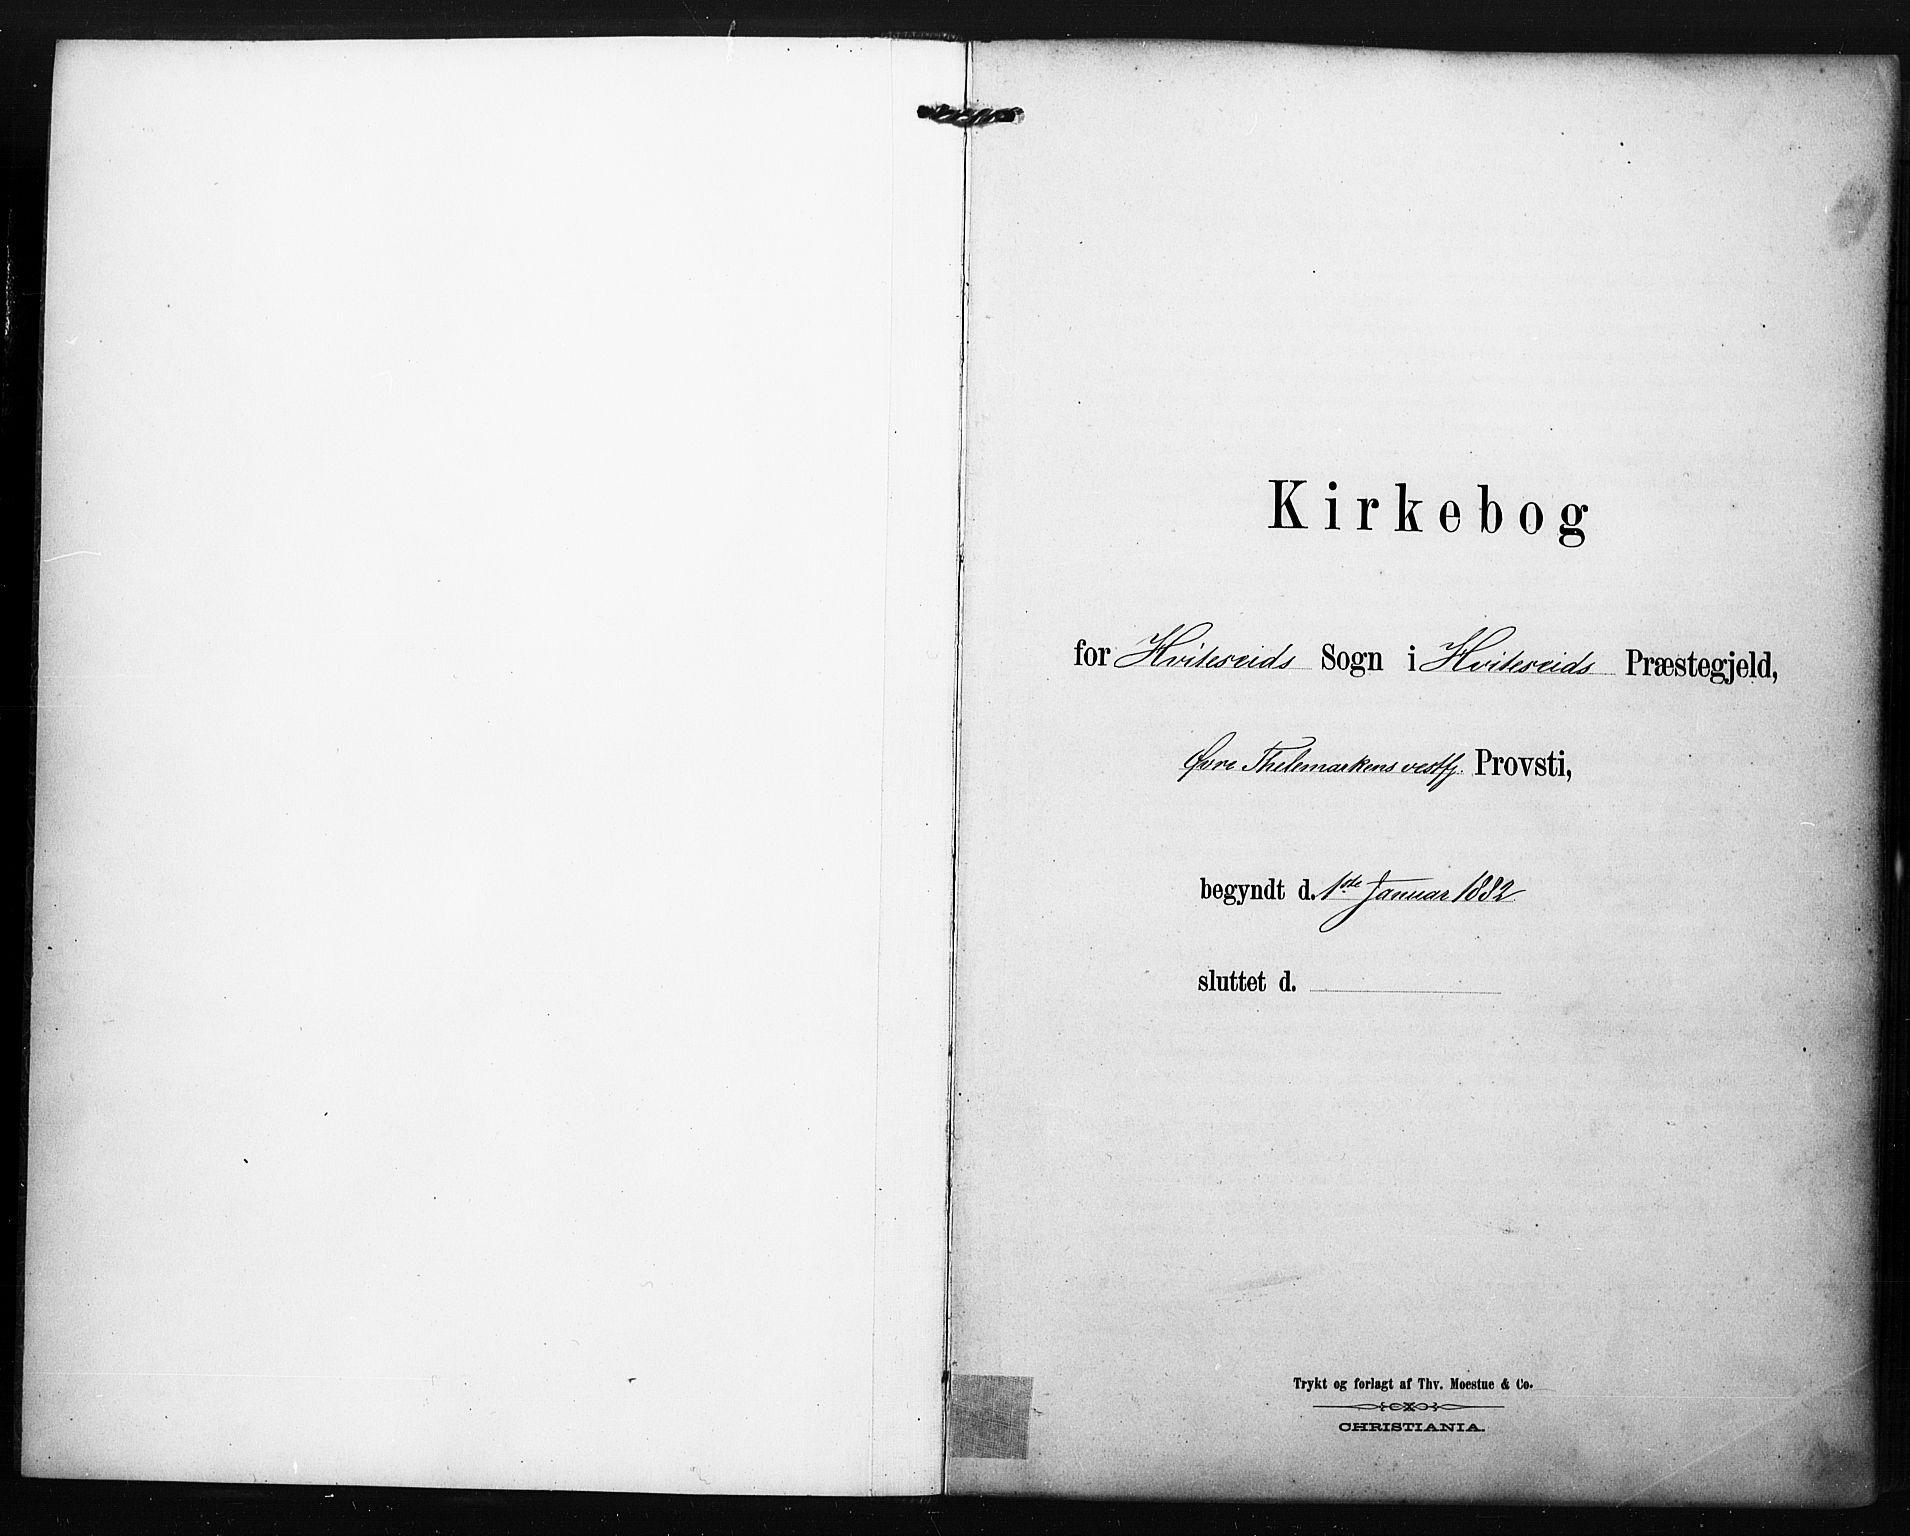 SAKO, Kviteseid kirkebøker, F/Fa/L0008: Ministerialbok nr. I 8, 1882-1903